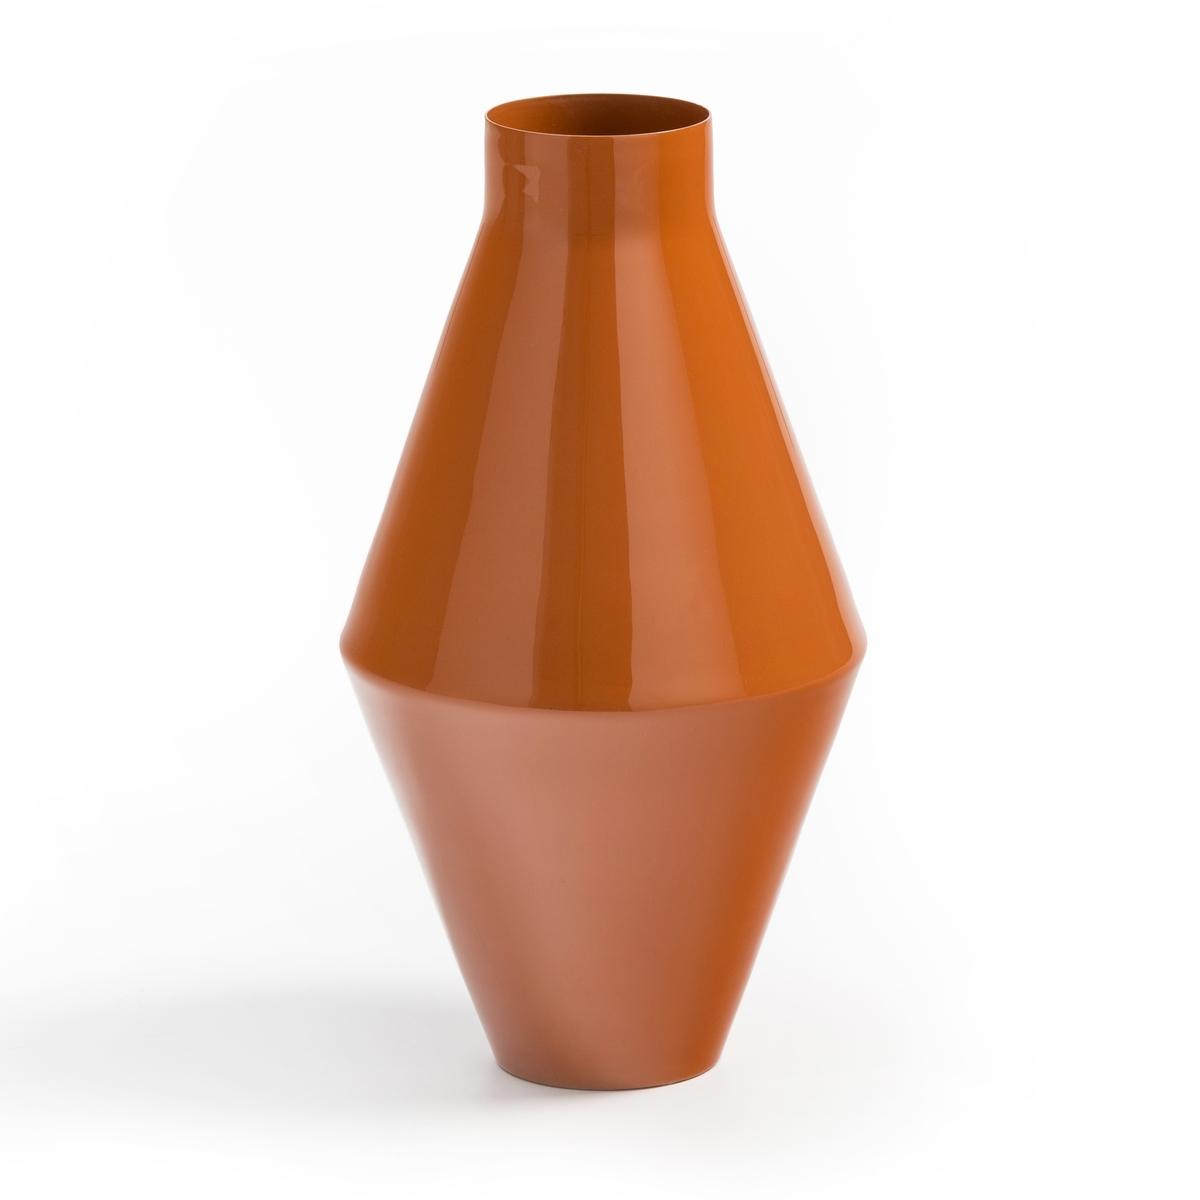 Ваза La Redoute Из металла в стиле -х В см Plana единый размер оранжевый ваза керамическая 14 х 10 х 38 см